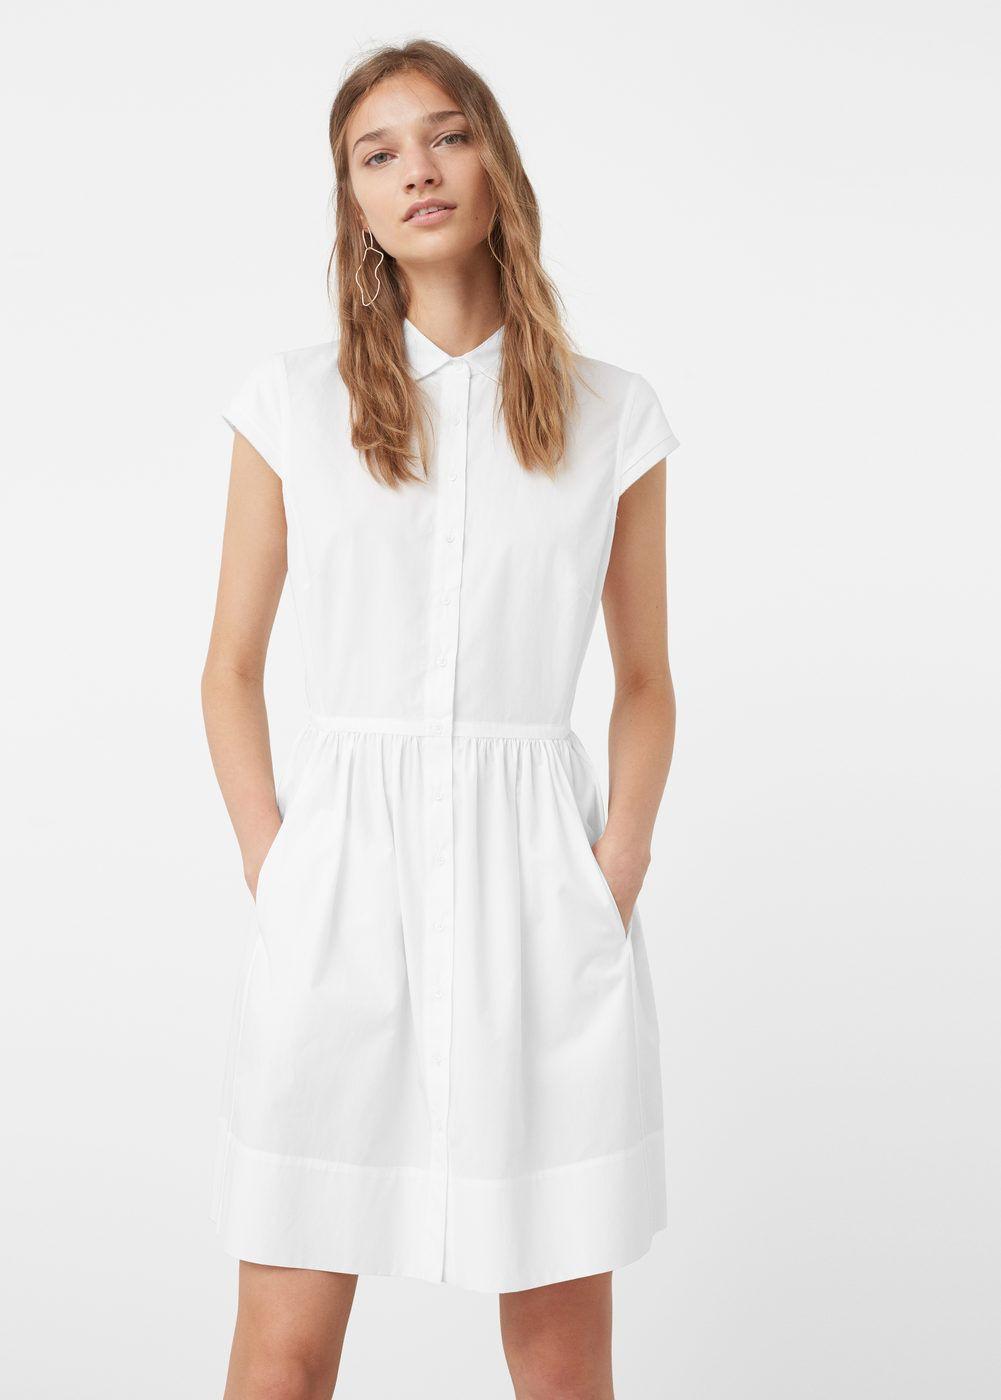 Designer Schön Kleider Für SpezialgebietDesigner Ausgezeichnet Kleider Für Bester Preis